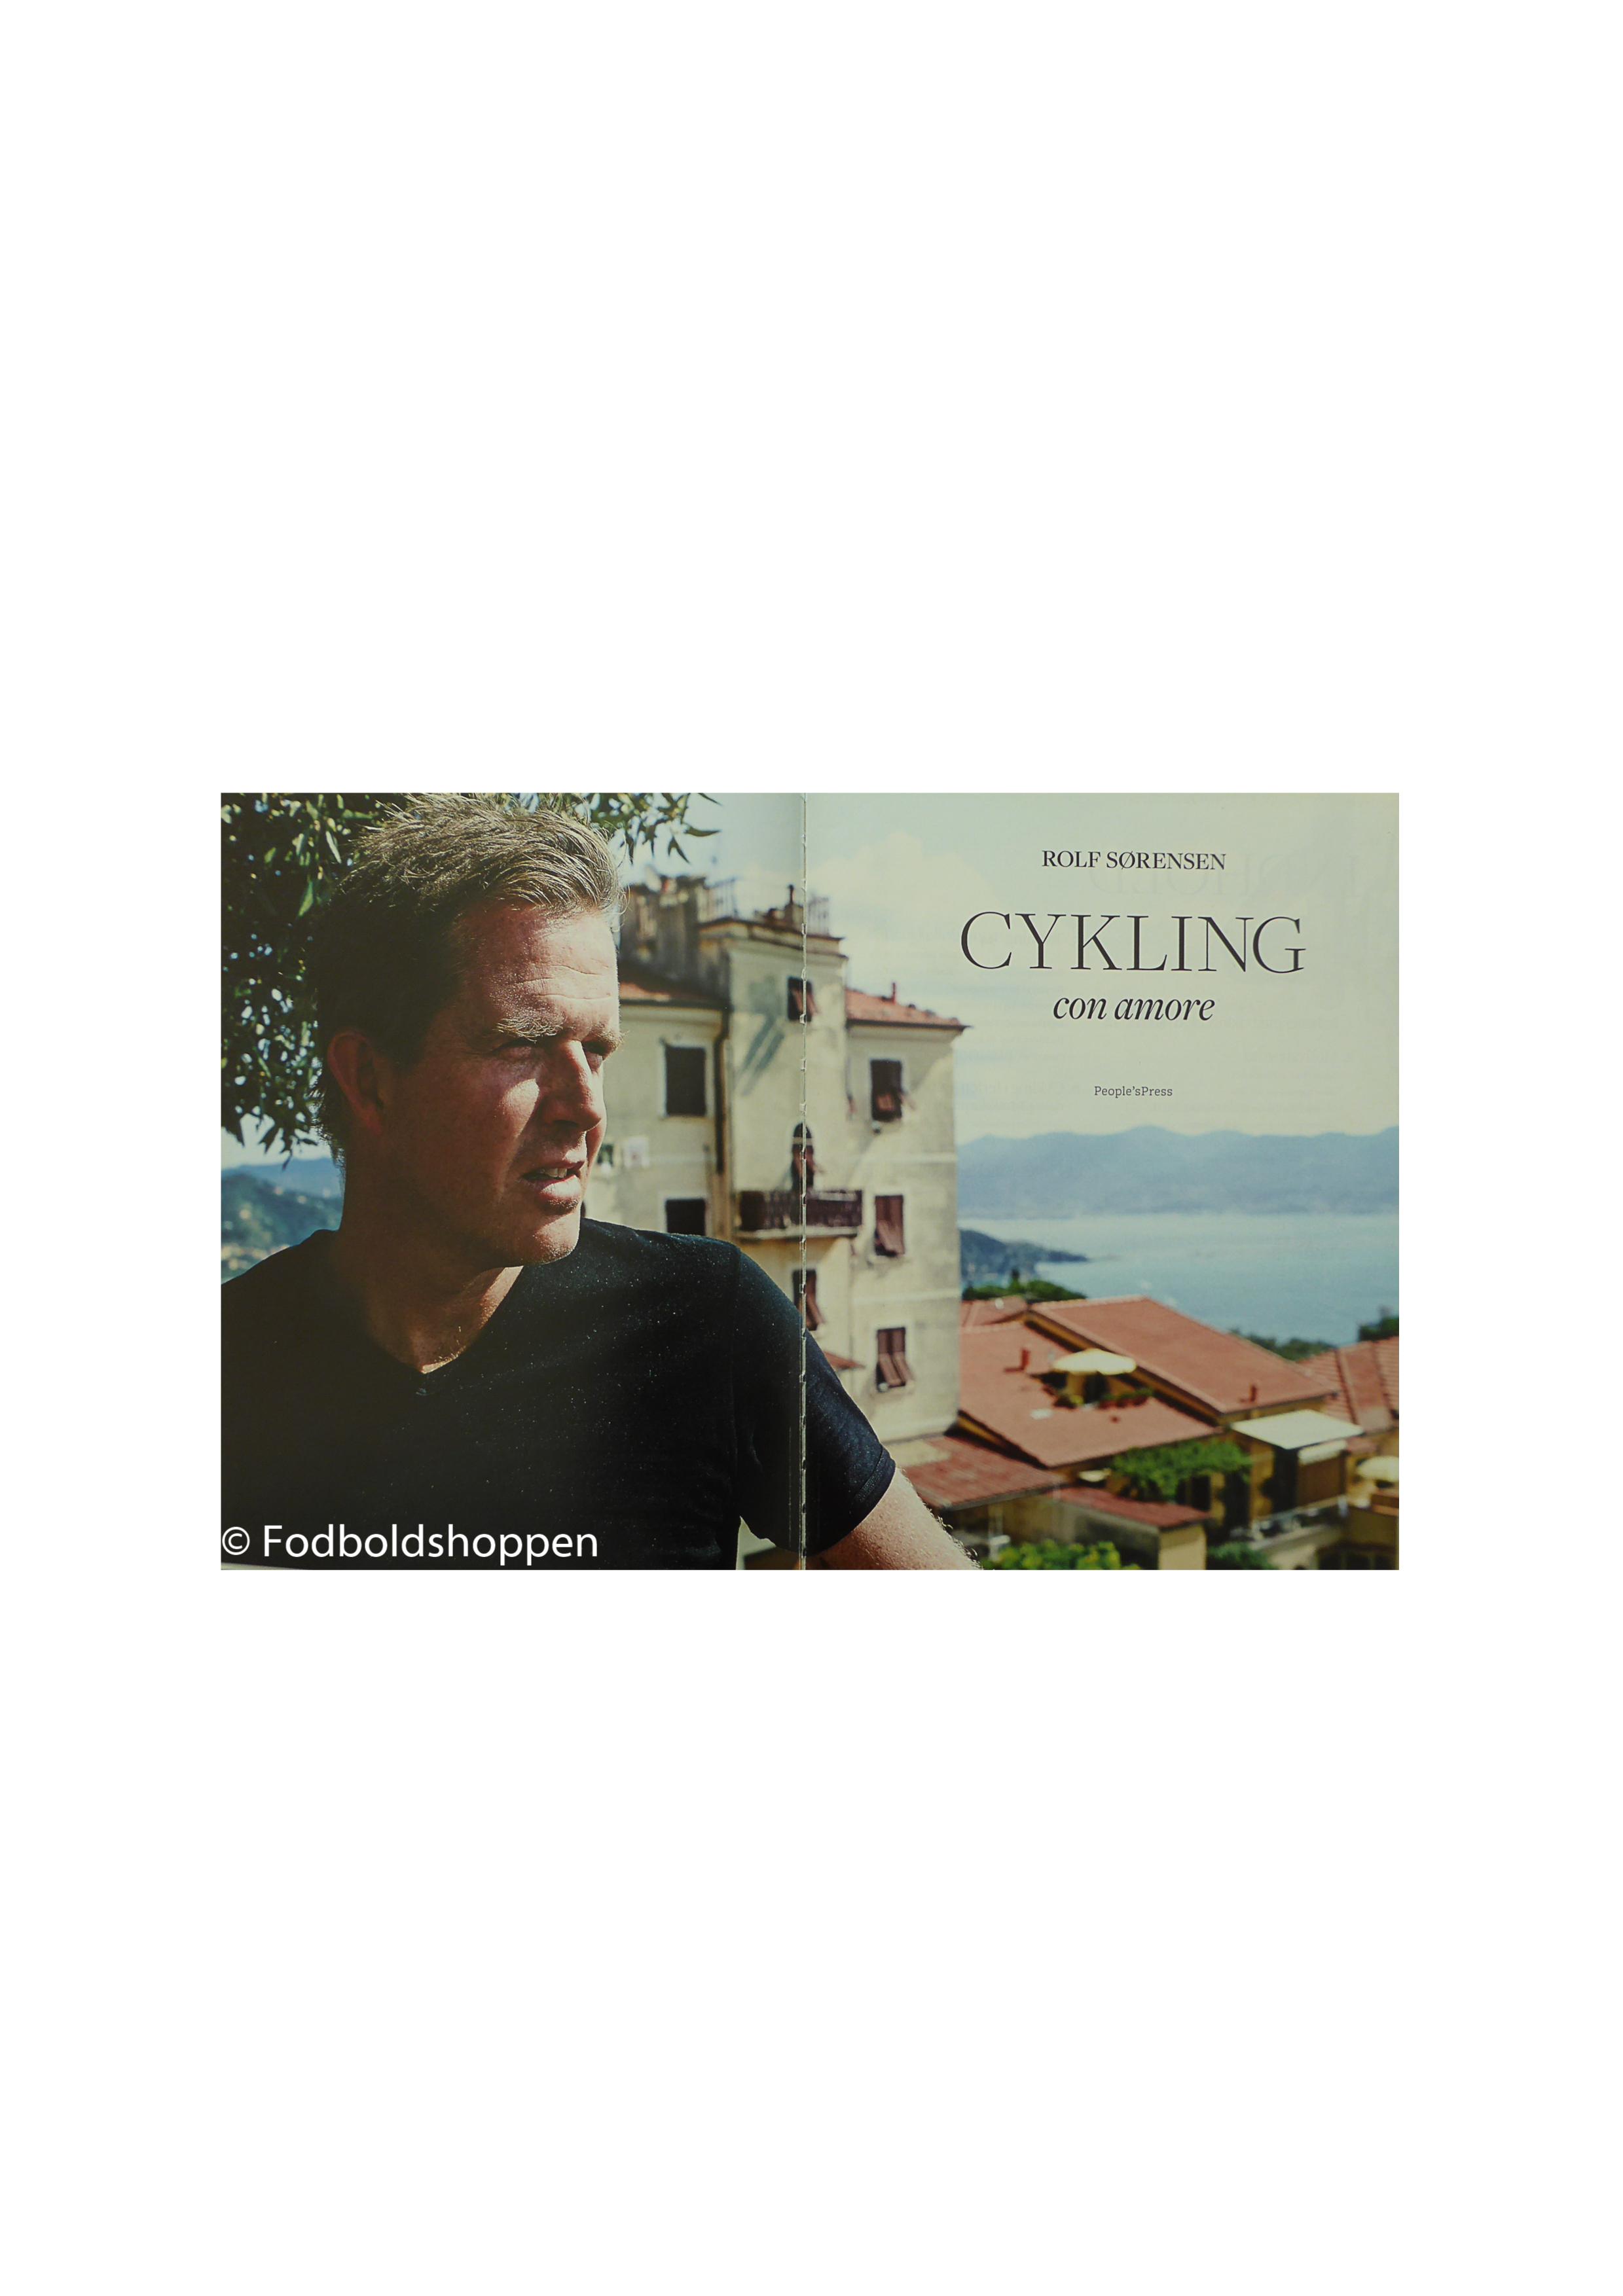 Rolf Sørensen - Cykling con amore (uden smudsomslag)